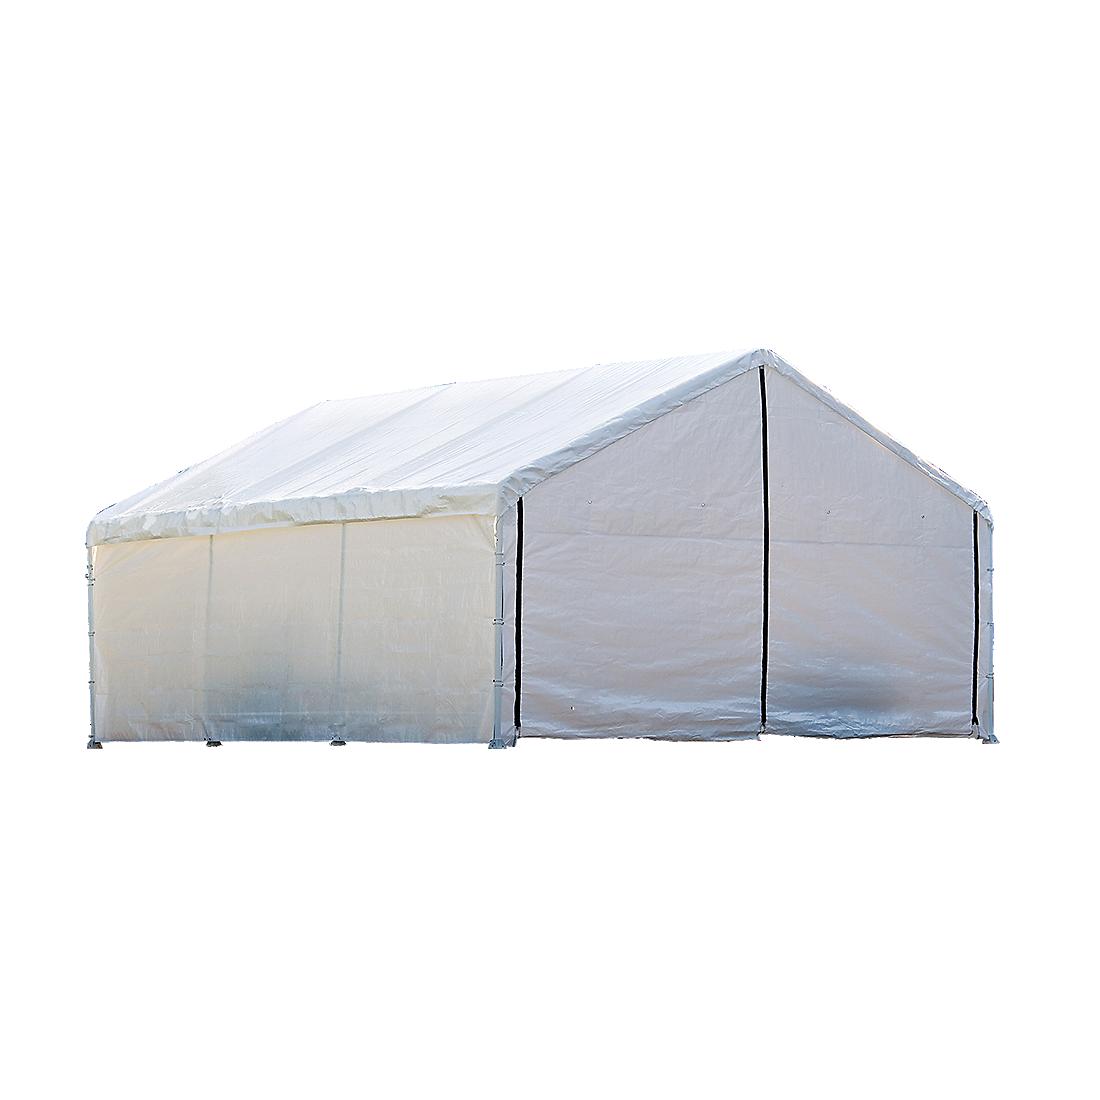 Enclosure Kit - Super Max Canopy 18 x 30 ft.